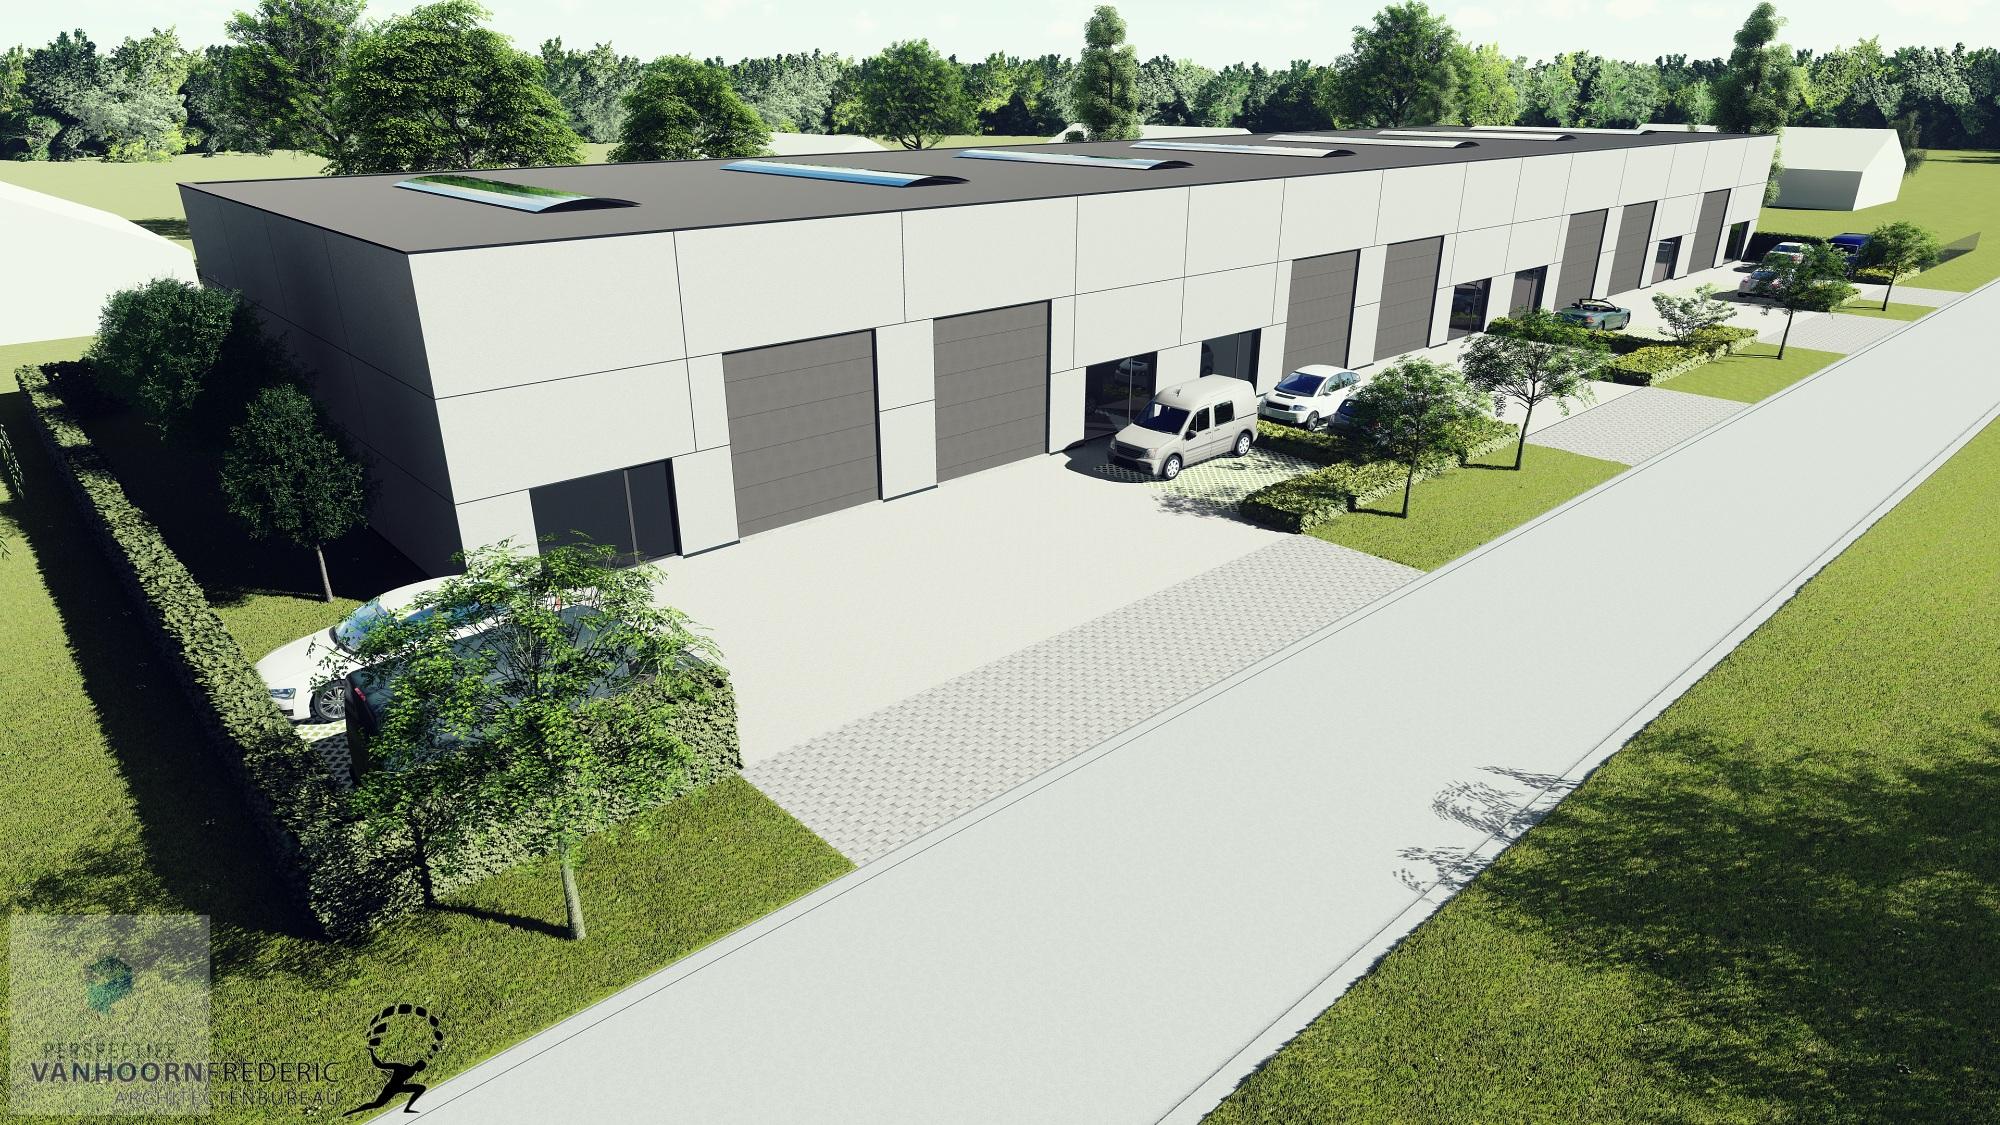 Nieuwbouw bedrijfspanden industriepark Beernem - 6